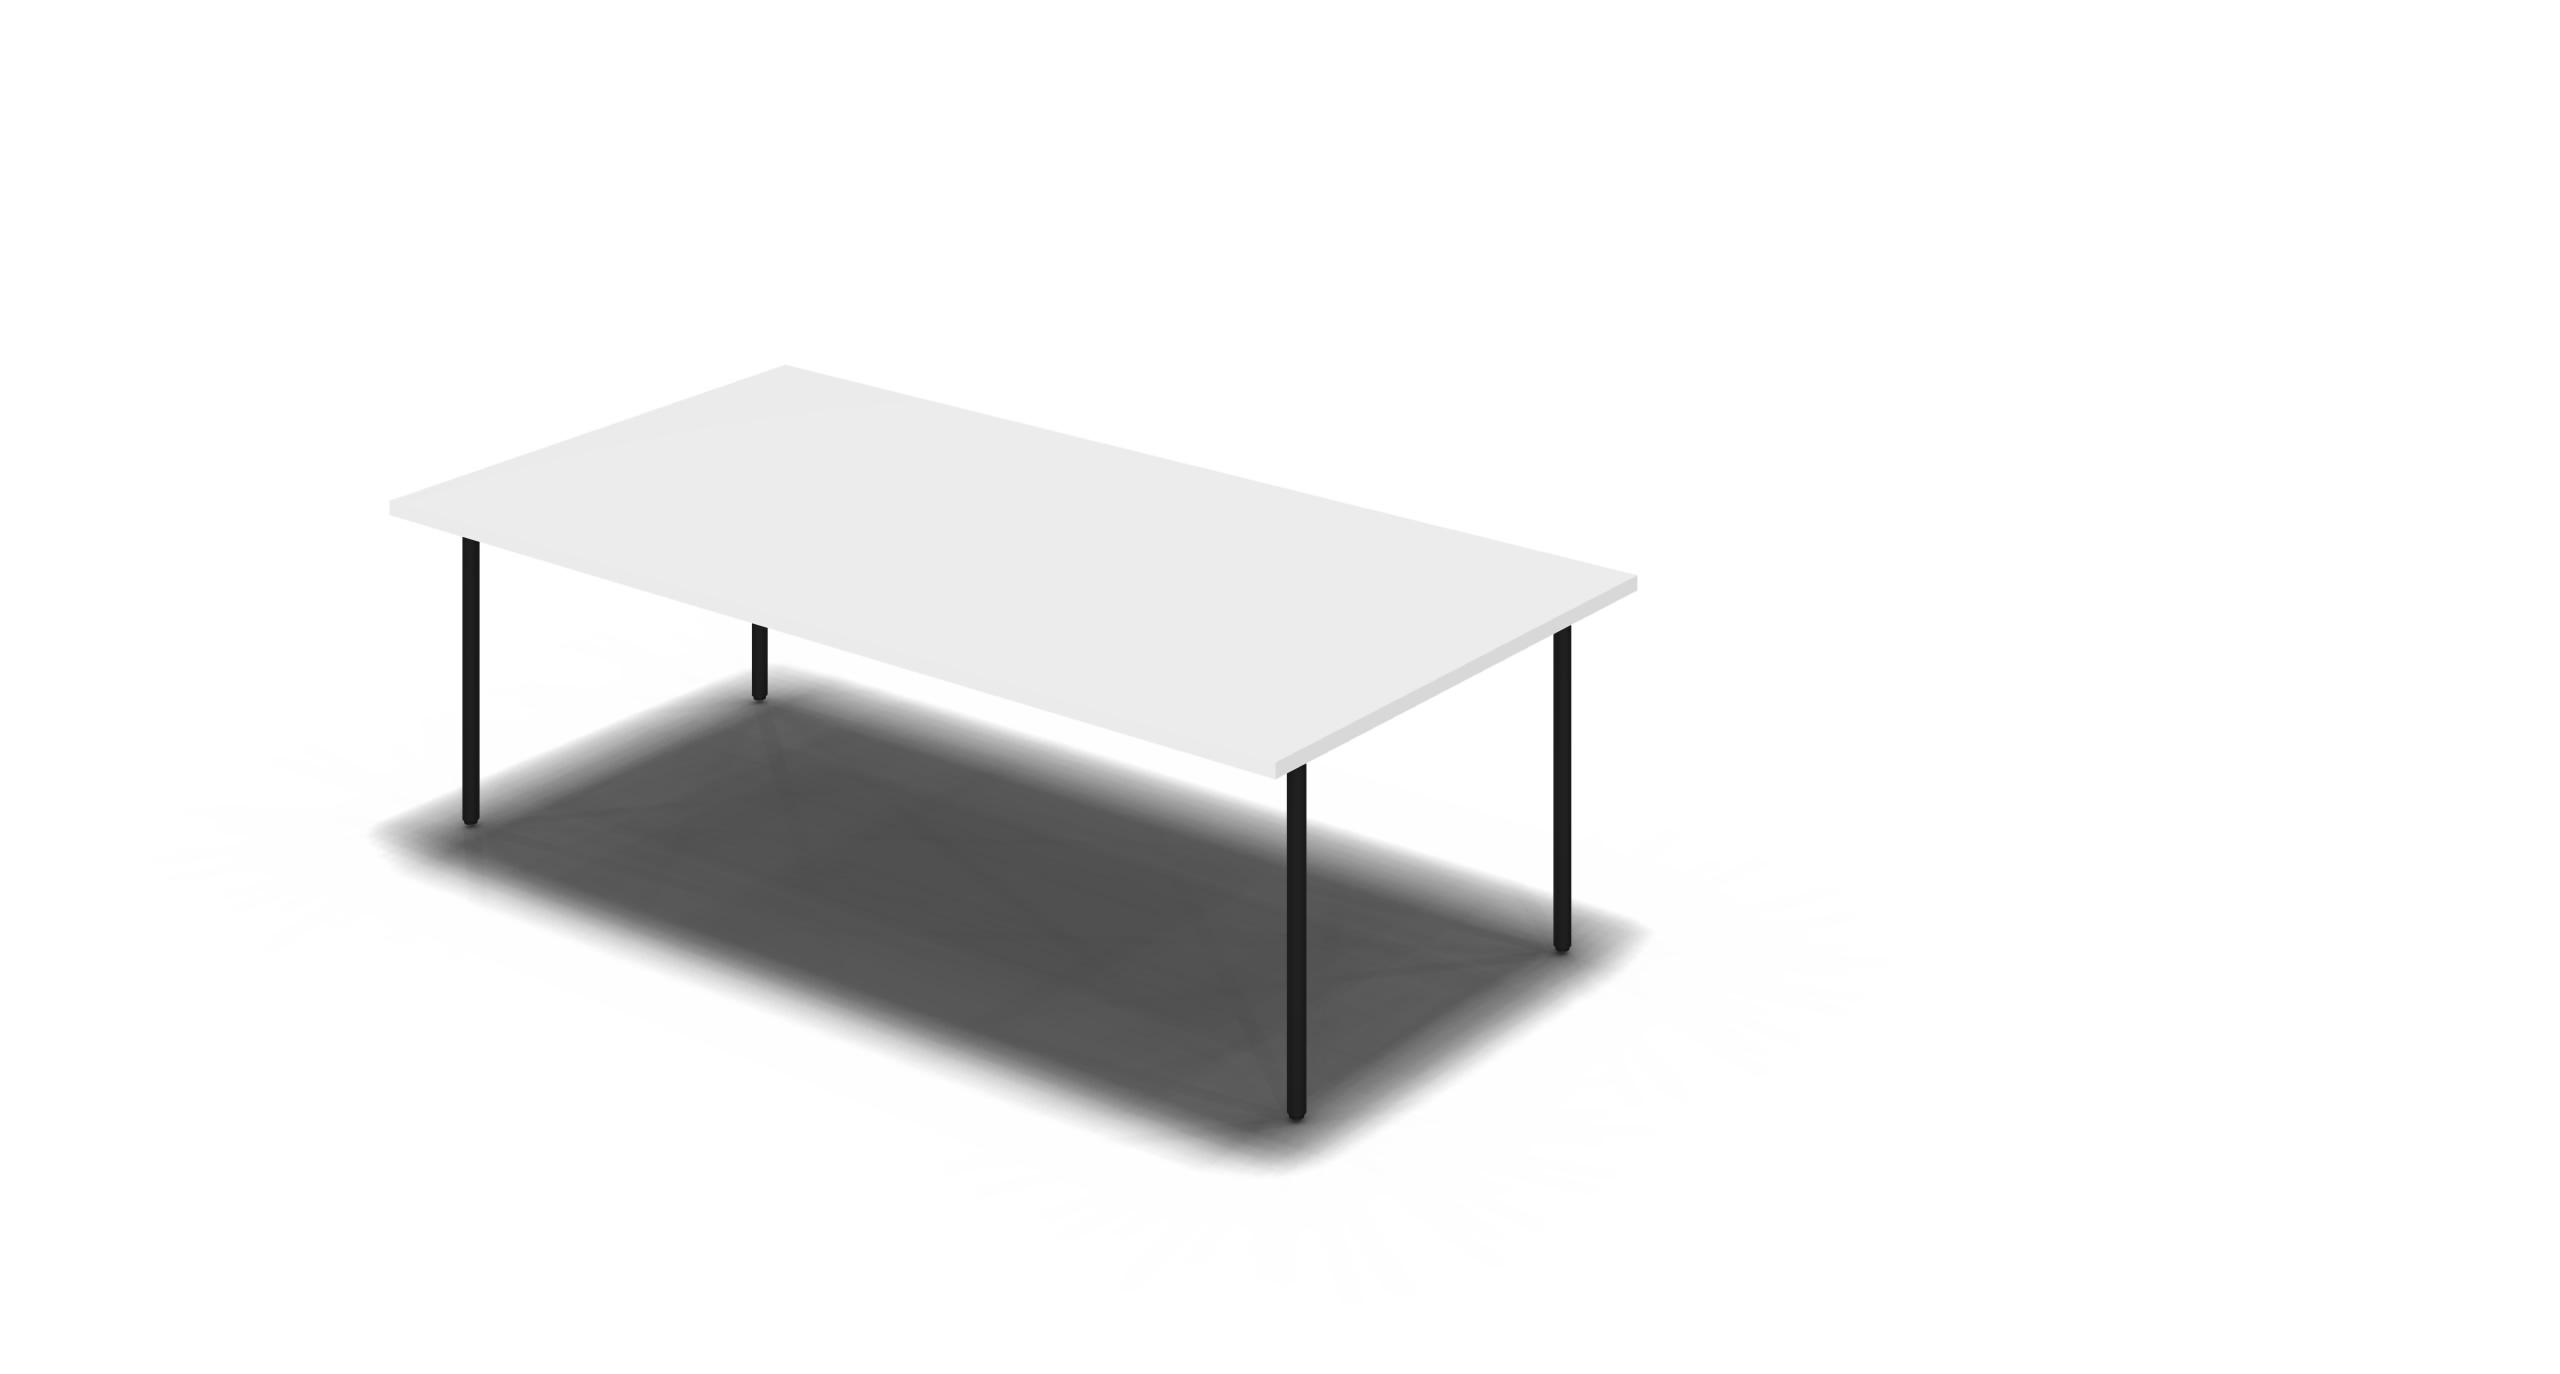 Table_Round_2100x1050_Black_White_noOption